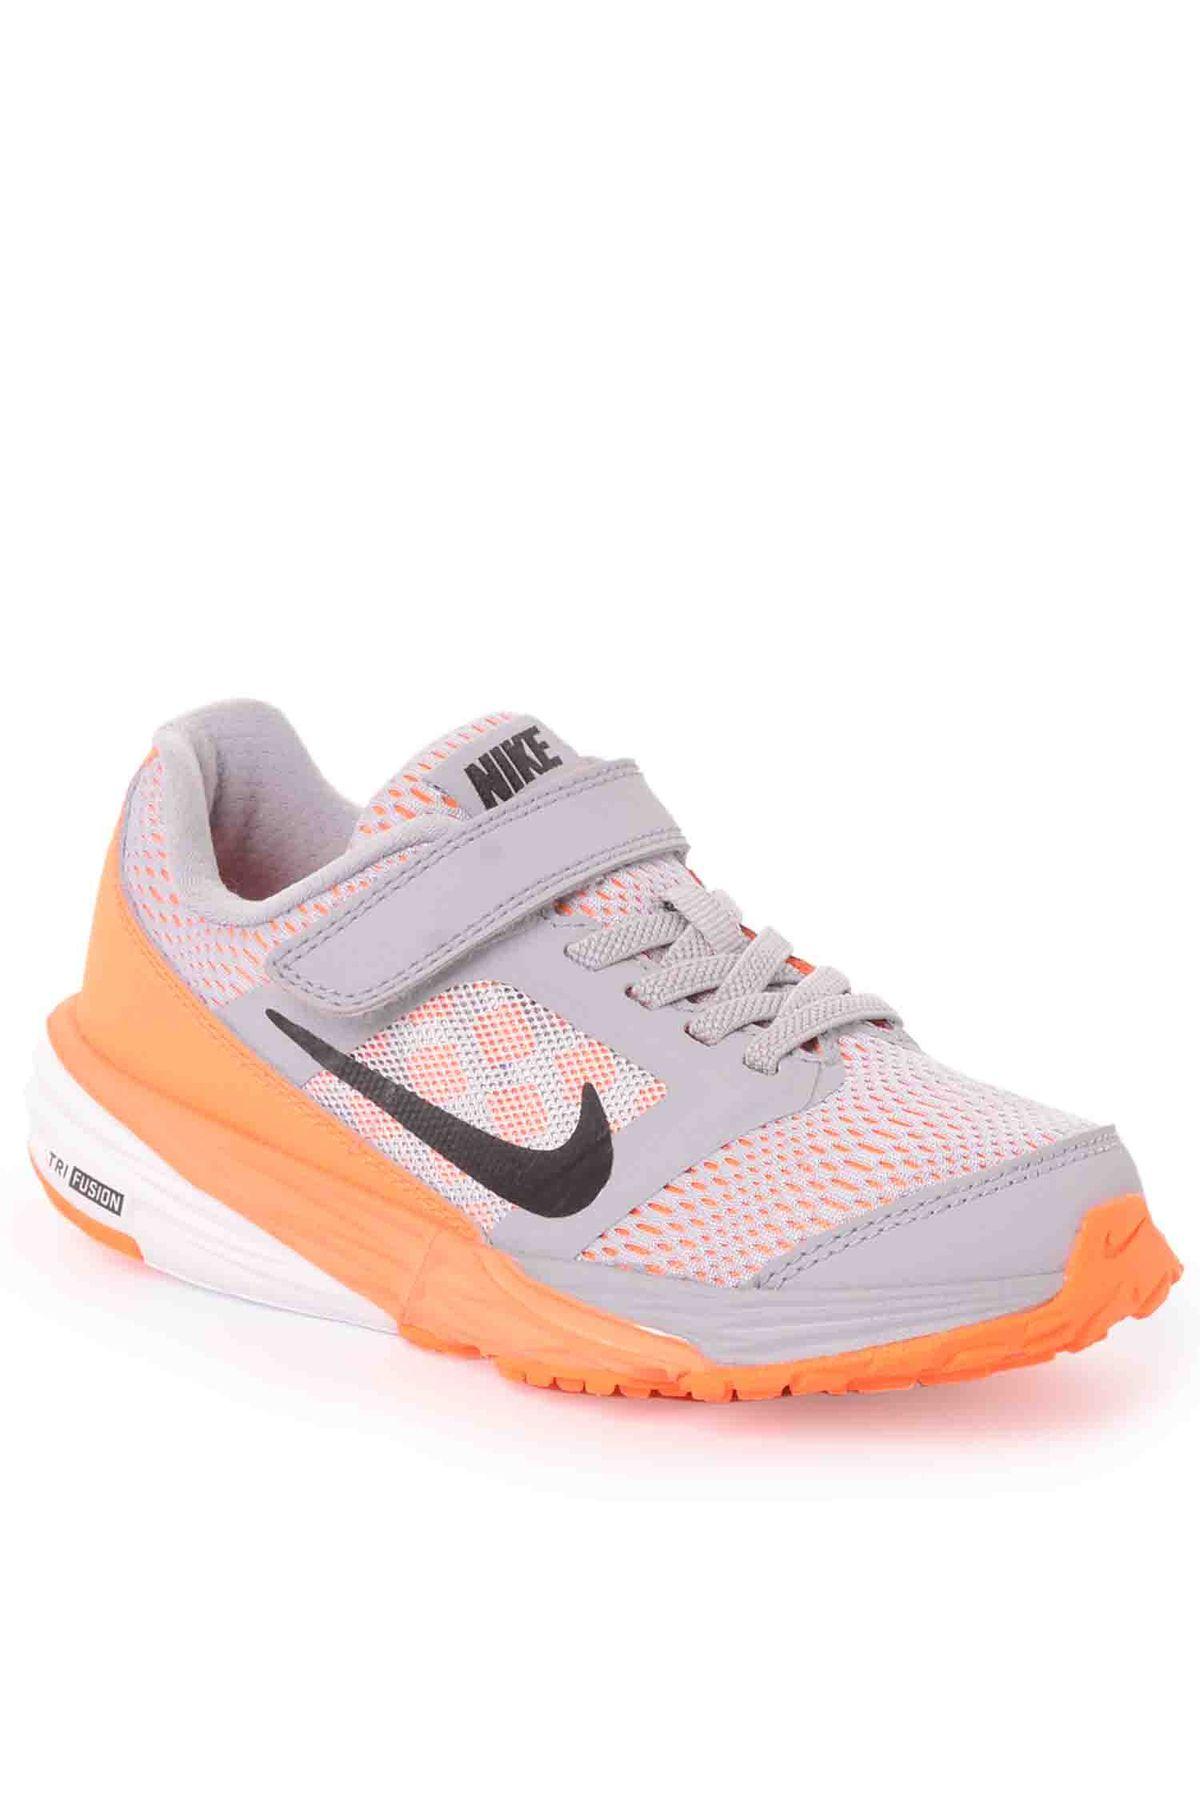 dbcc081245f01 Tênis Infantil Nike Tri Fusion | Mundial Calçados - Mundial Calçados